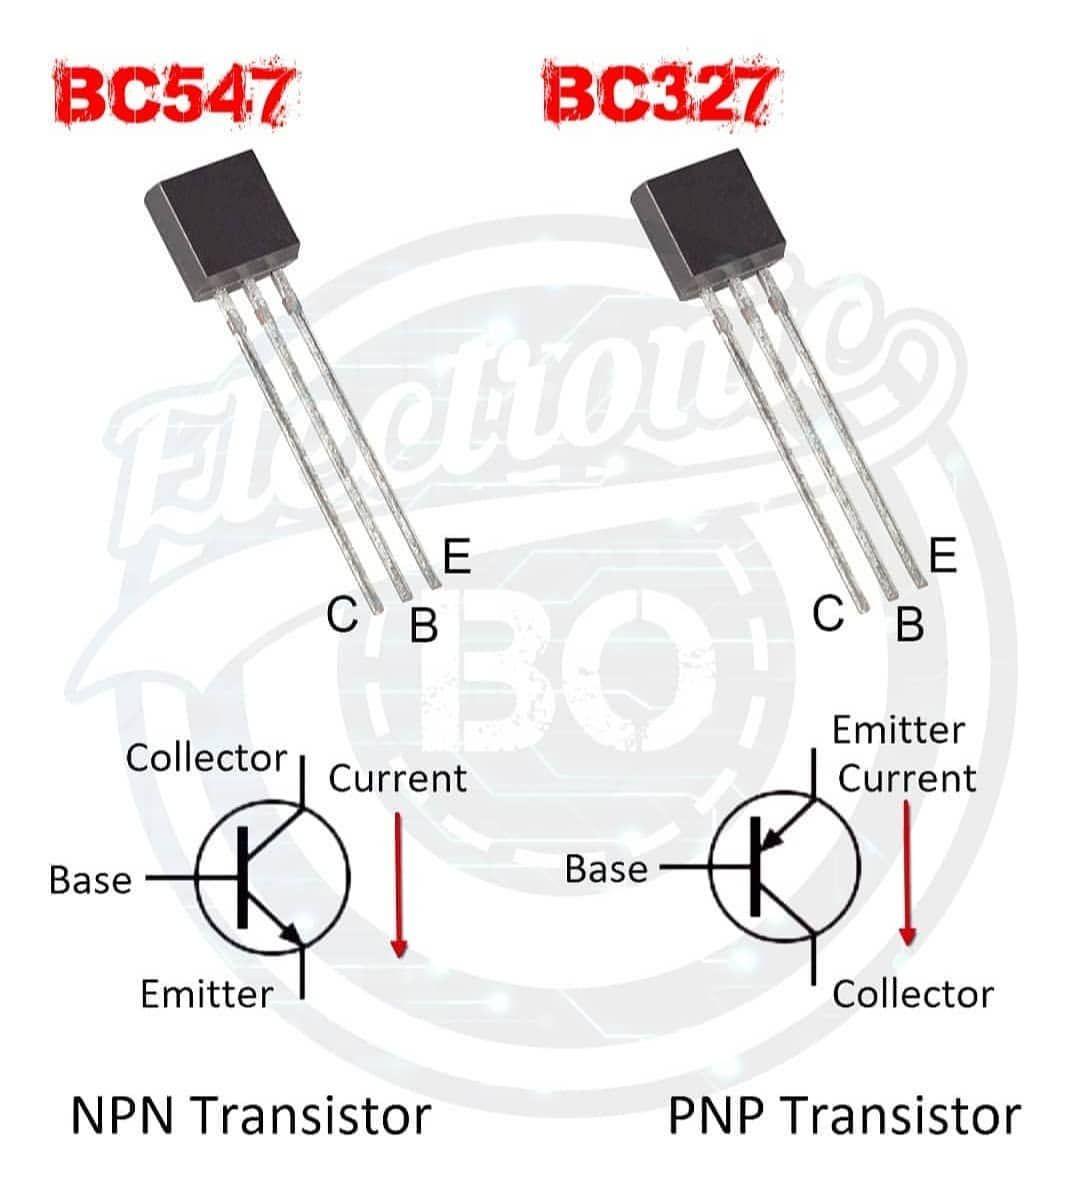 Npn Pnp Transistors Circuitbasics Circuits Iot